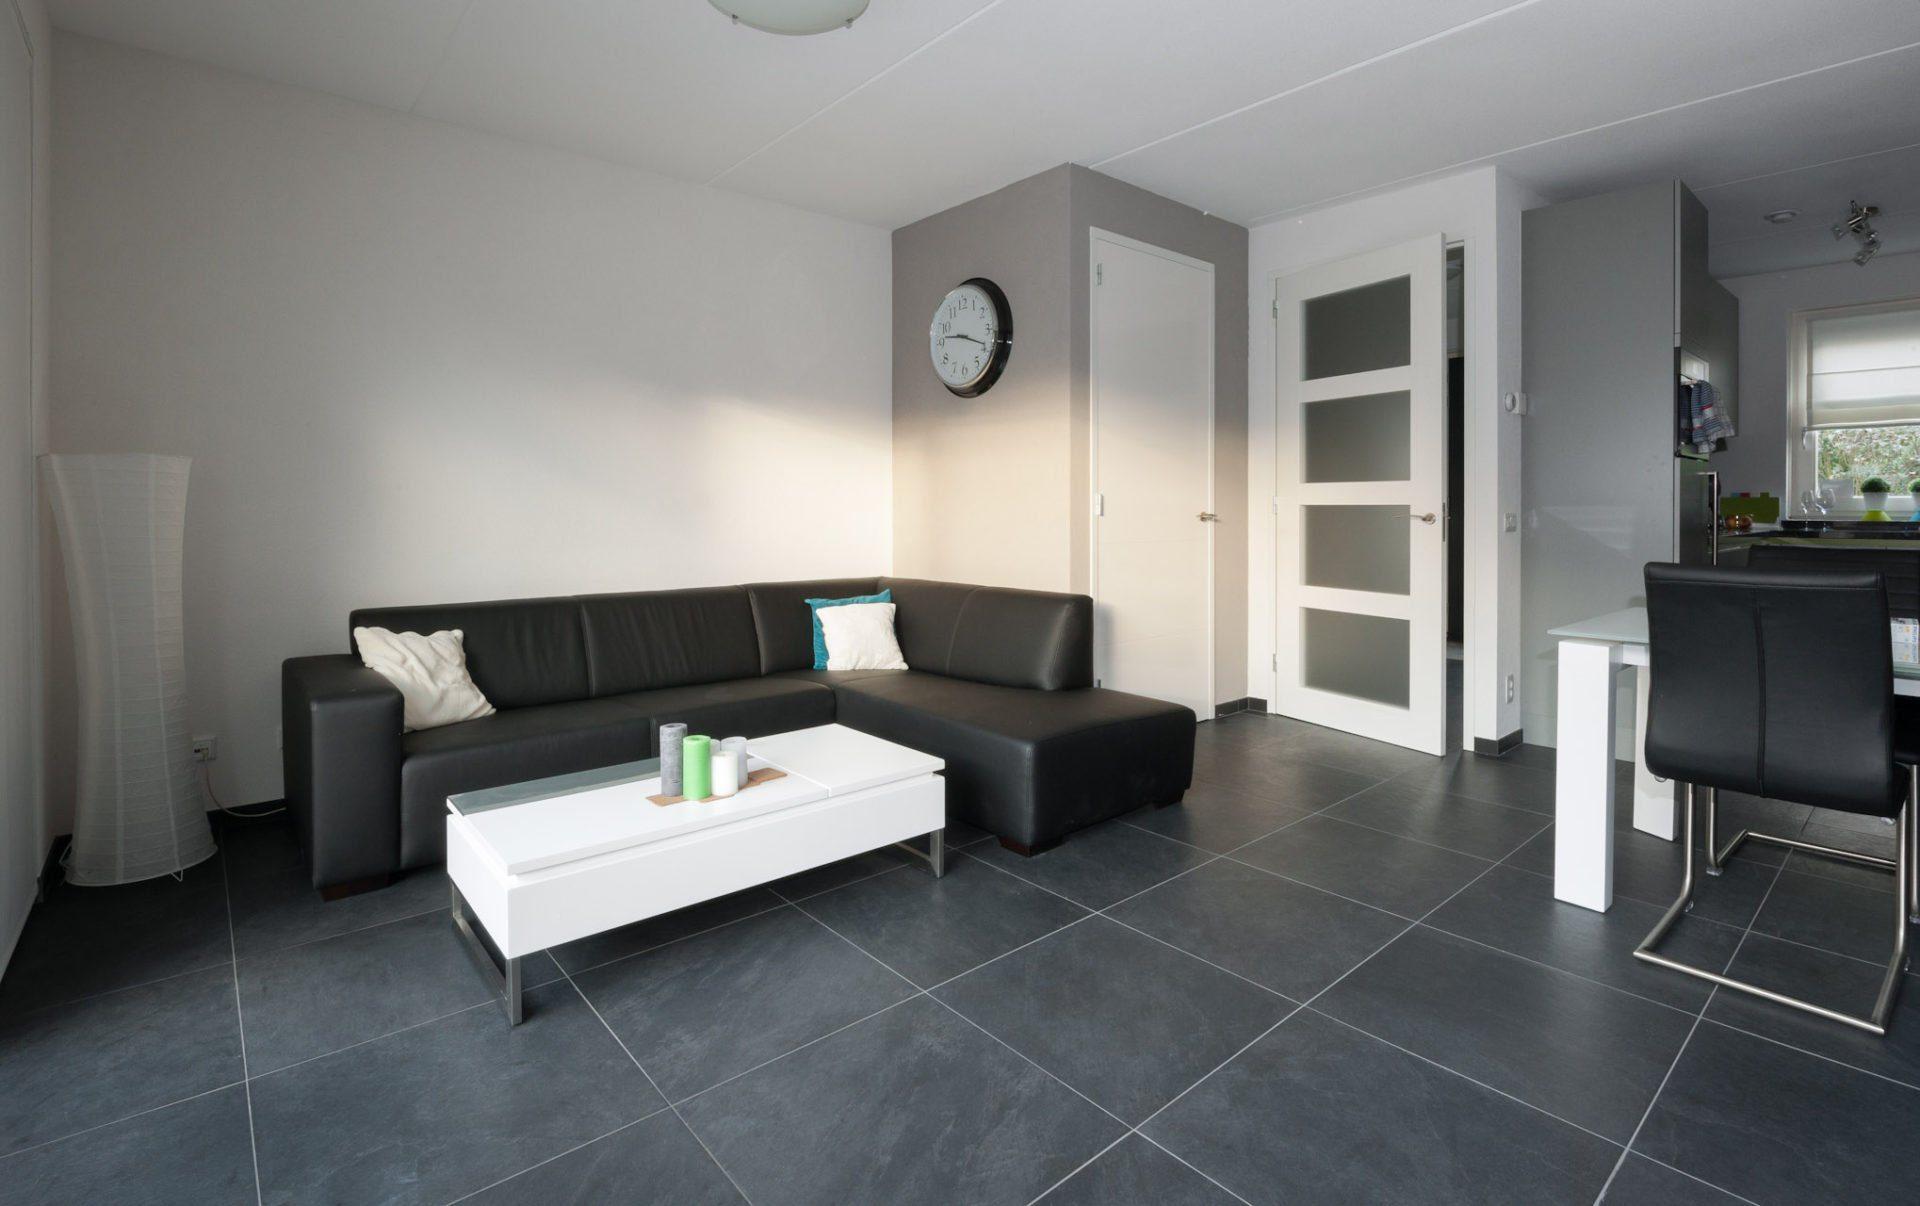 Home » Inspiratie » Antraciet vloertegels in woonkamer en badkamer